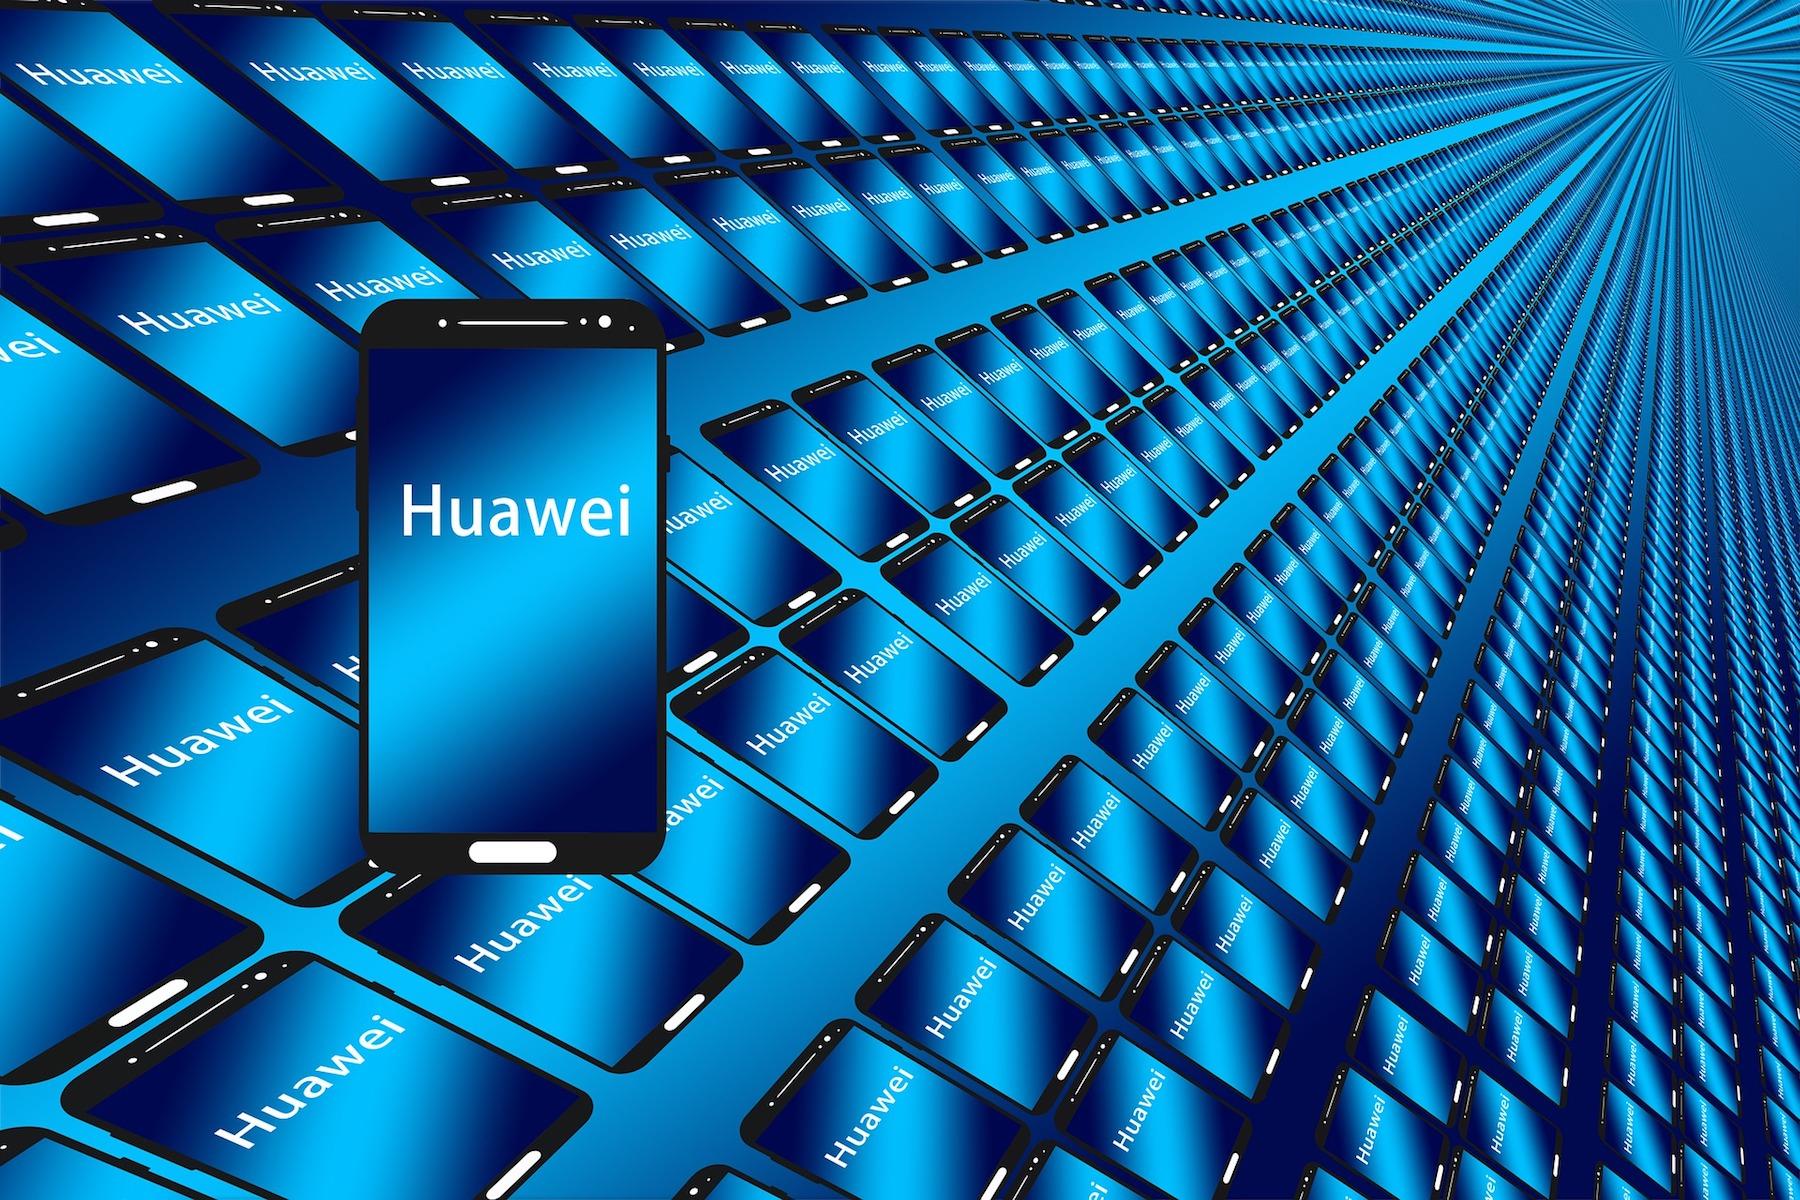 huawei-4234821 1920